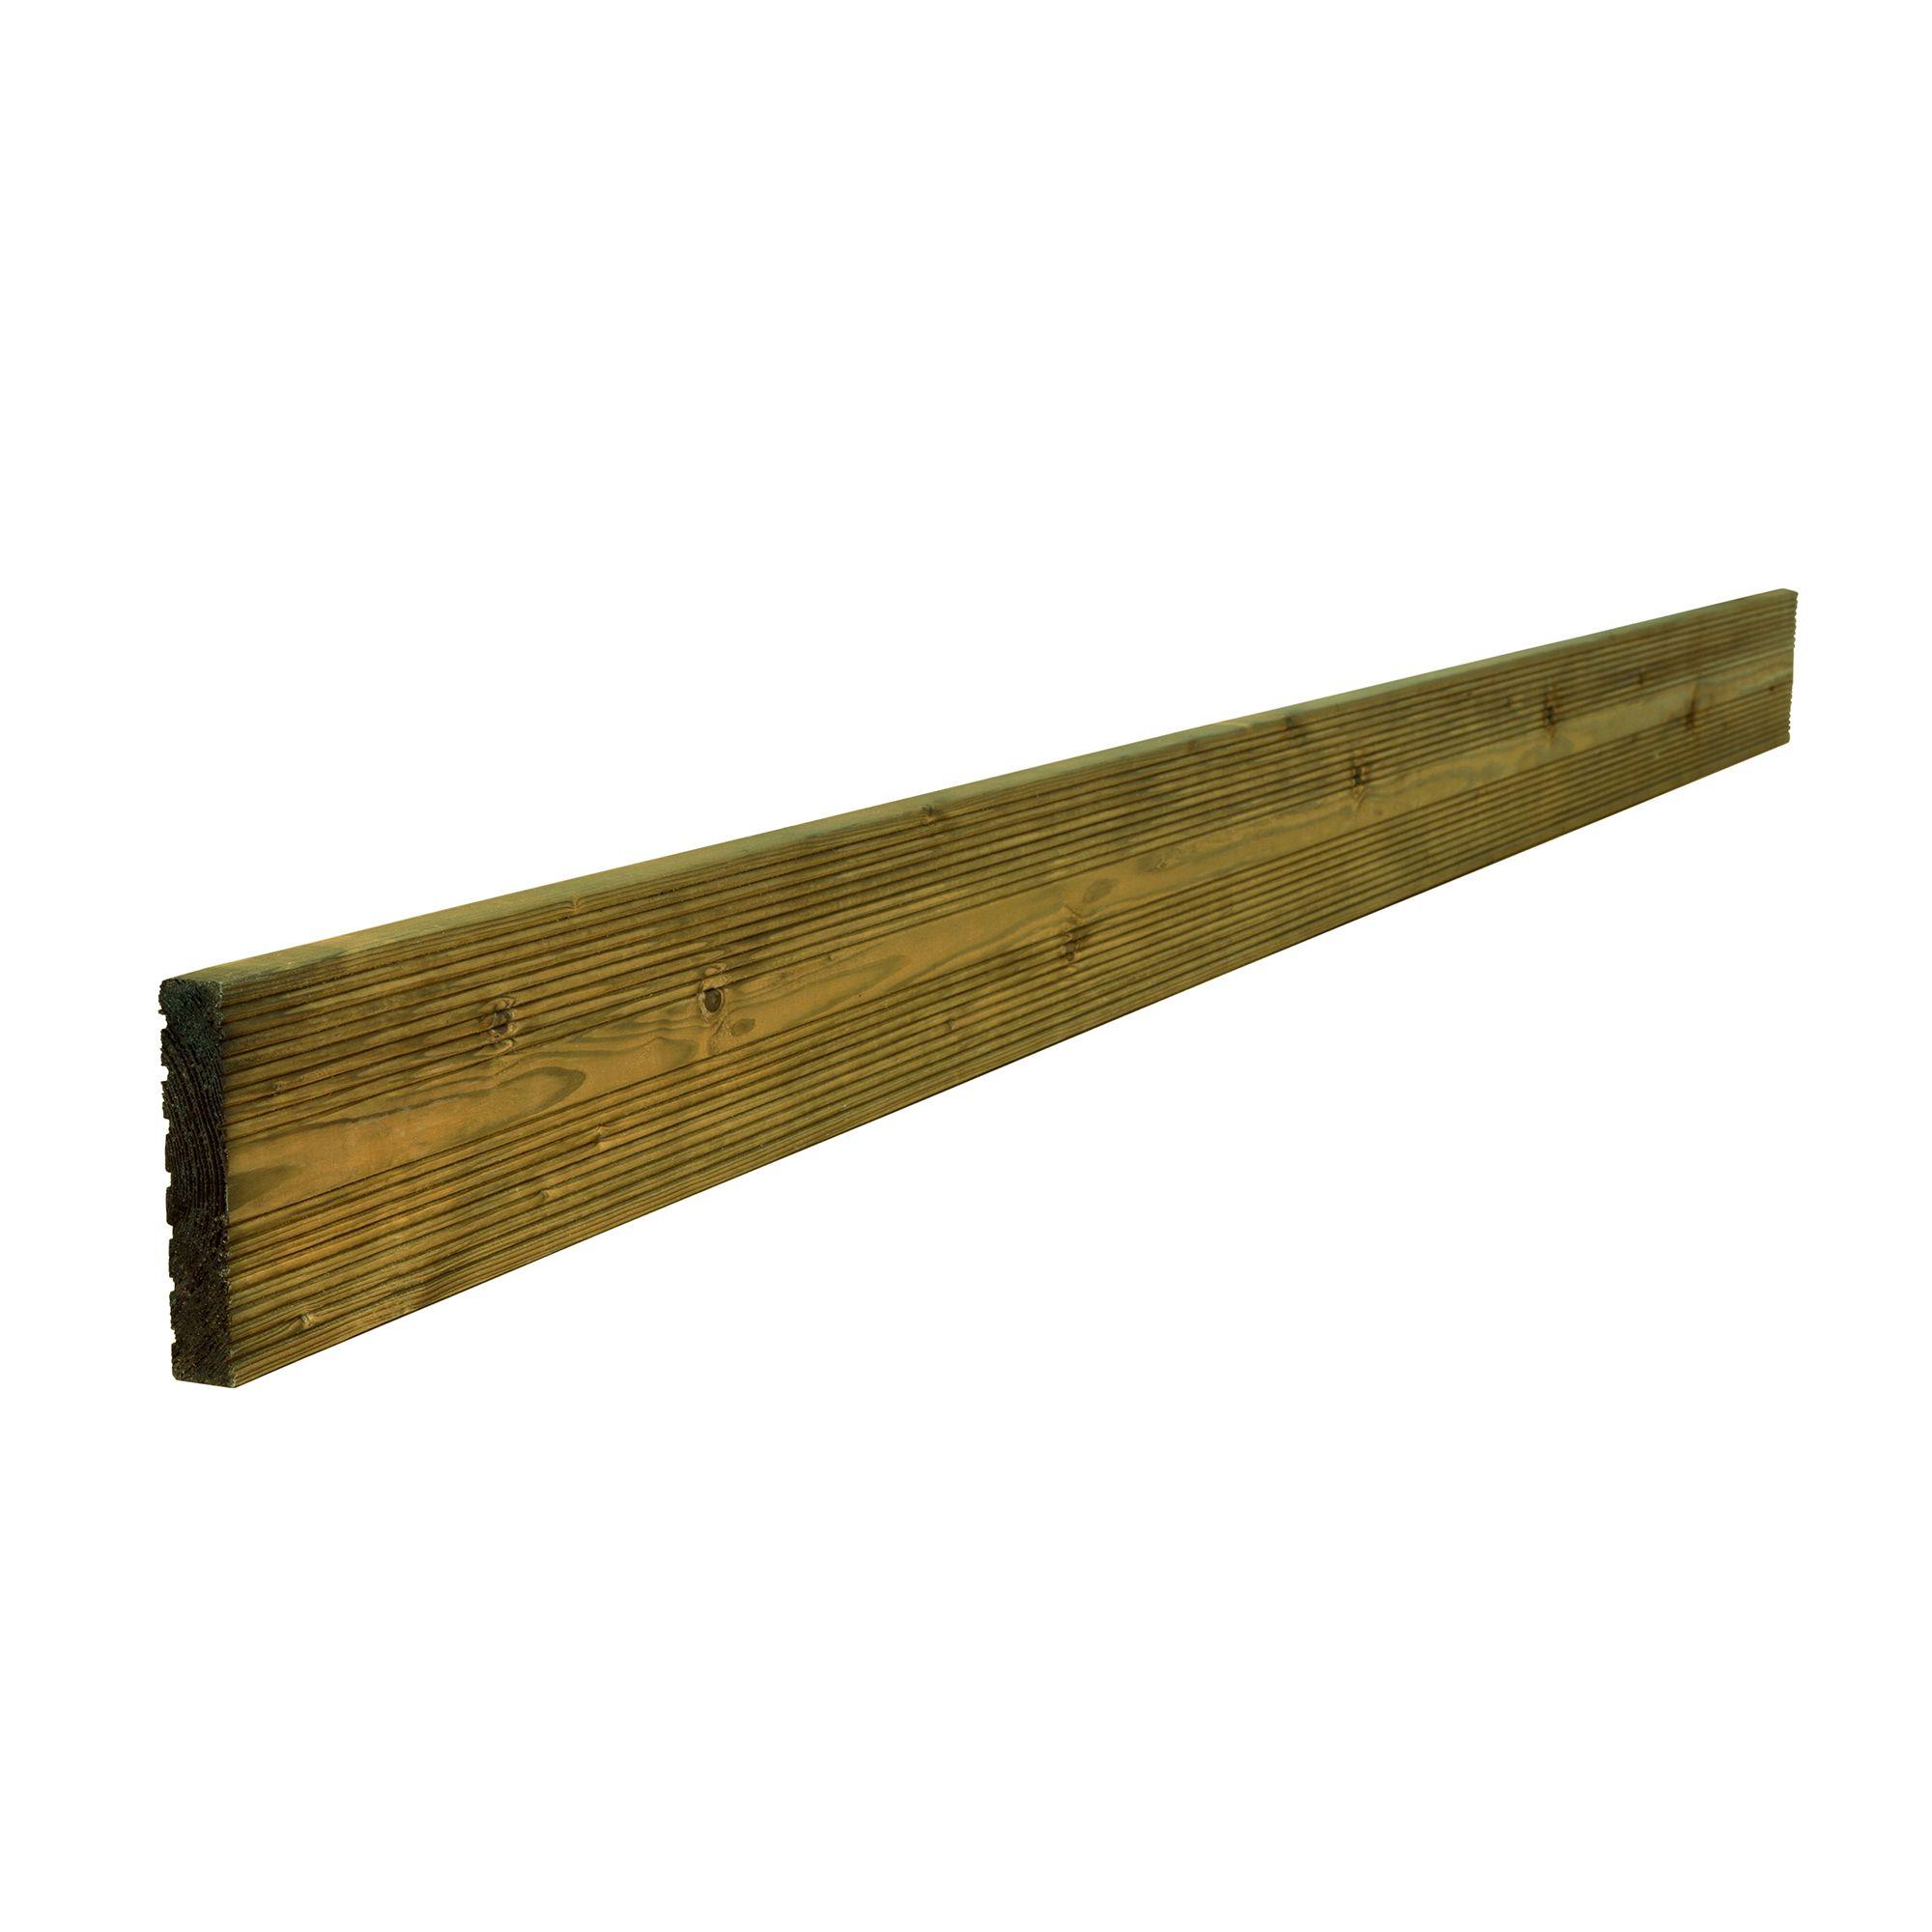 Nevou Premium Deck Board (t)27mm (w)144mm (l)2400mm, Pack Of 5